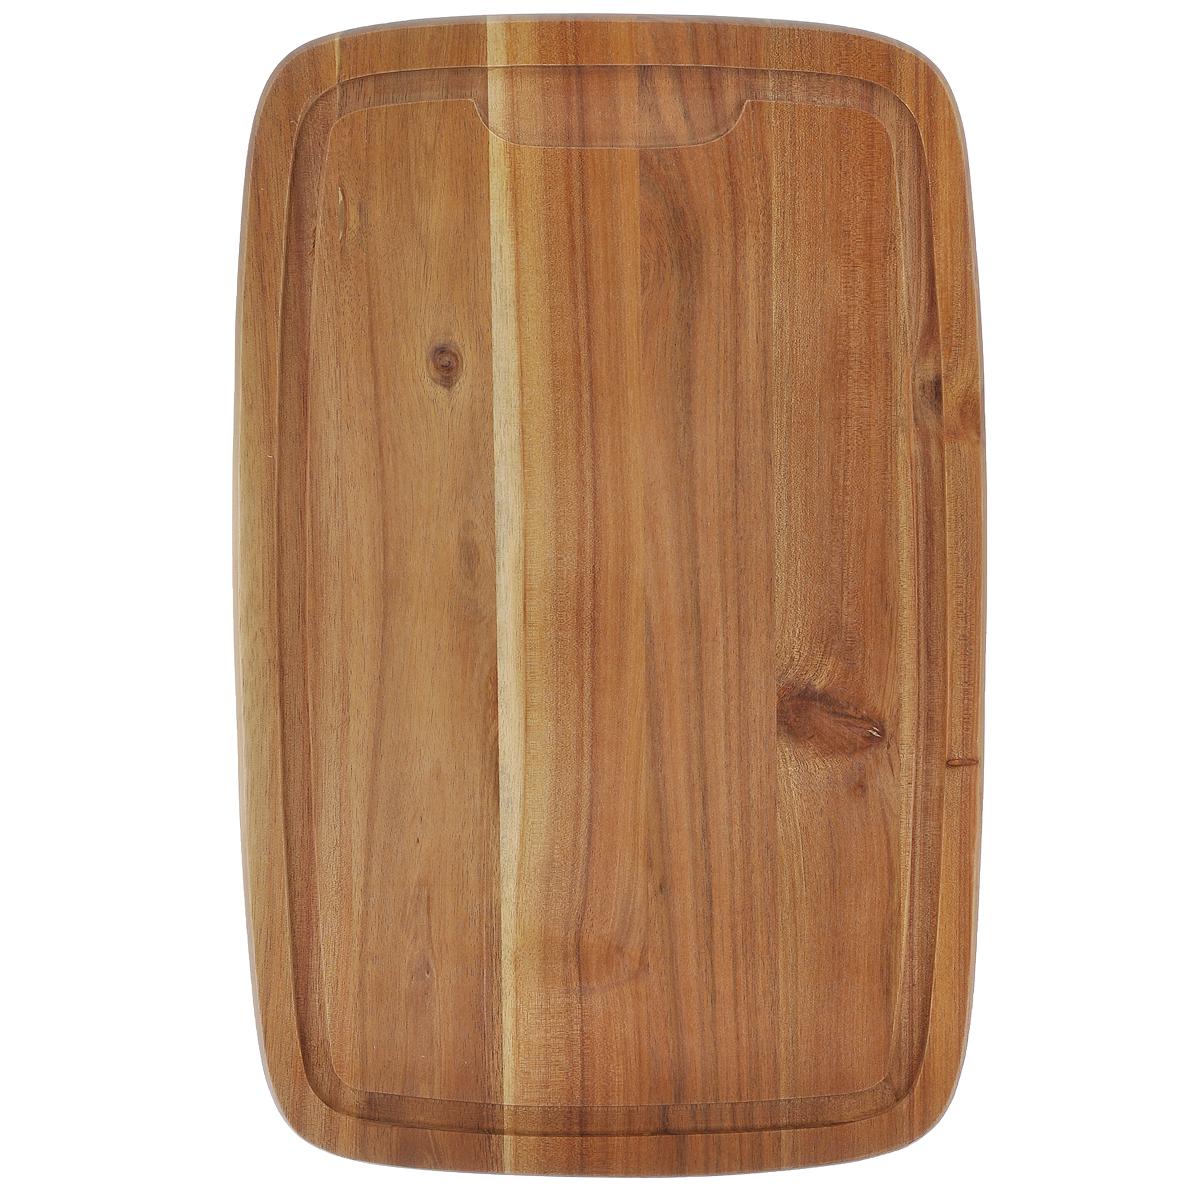 Доска разделочная Kesper, 40 х 26 см2017-1Разделочная доска Kesper изготовлена из высококачественного бамбука, обладающего антибактериальными свойствами. Бамбук - инновационный материал, идеально подходящий для разделочных досок. Доски из бамбука обладают высокой плотностью, а также устойчивы к механическим воздействиям. Наличие канавки по краю изделия поможет предотвратить вытекание сока от продуктов за пределы доски. Функциональные и простые в использовании, разделочные доски Kesper прекрасно впишутся в интерьер любой кухни и прослужат вам долгие годы.